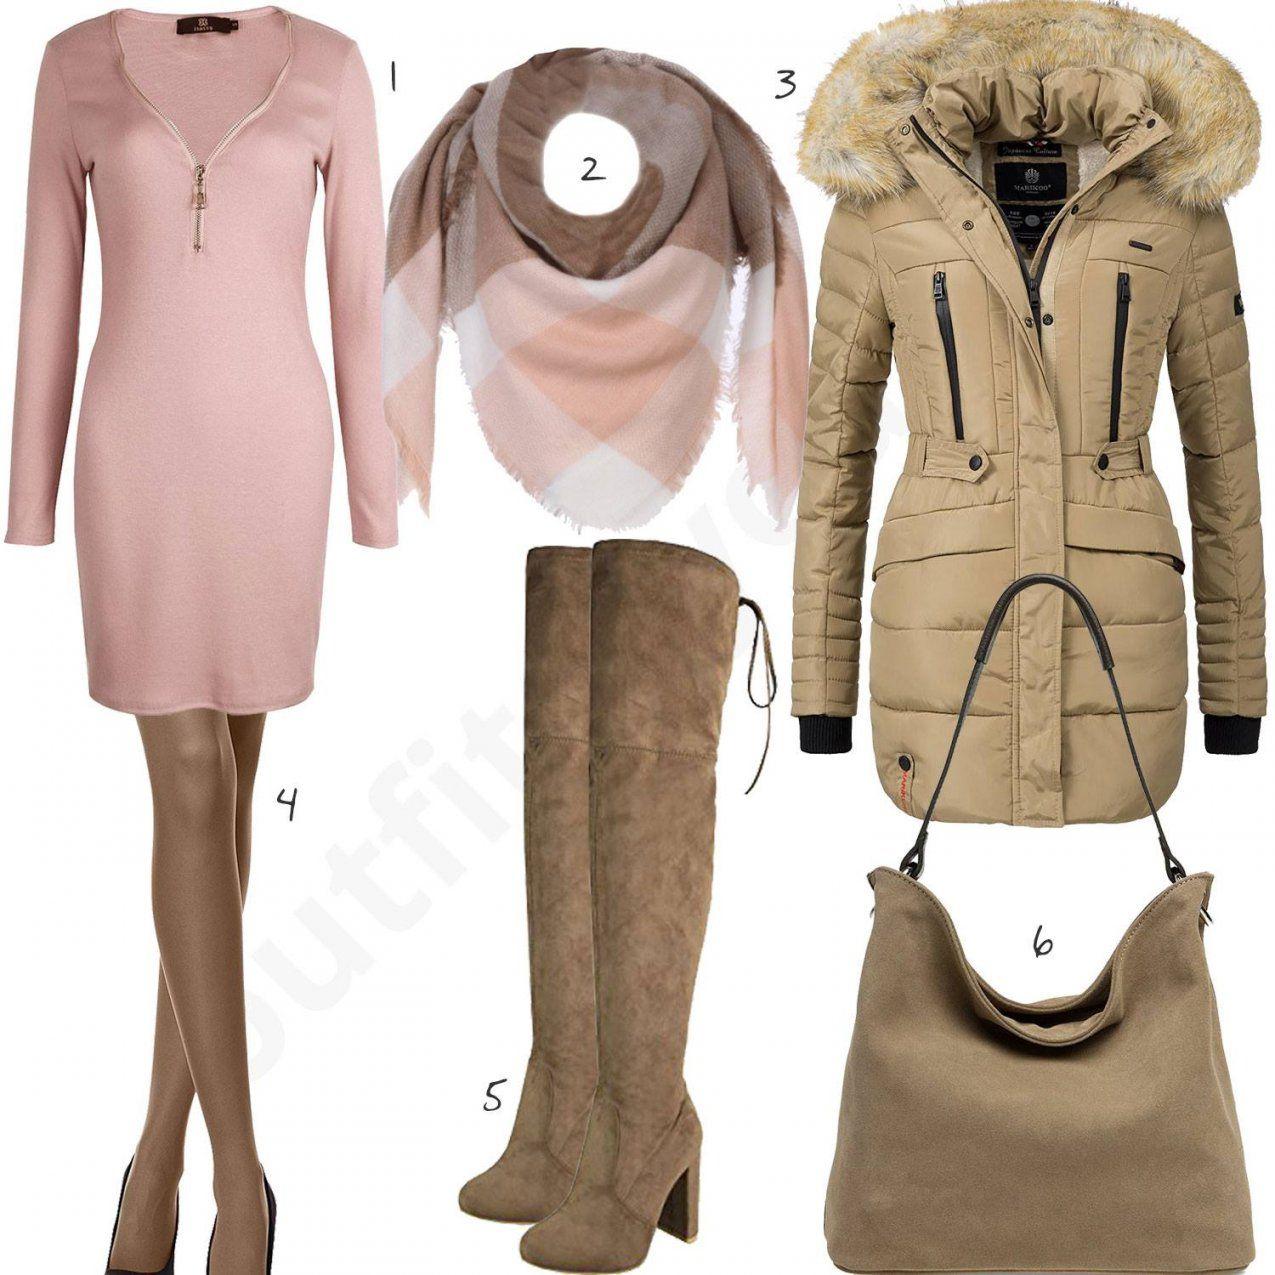 10 Winterdamenoutfits Mit Kleid Jacke Mütze Und Schal von Welche Farbe Passt Zu Beige Kleidung Photo